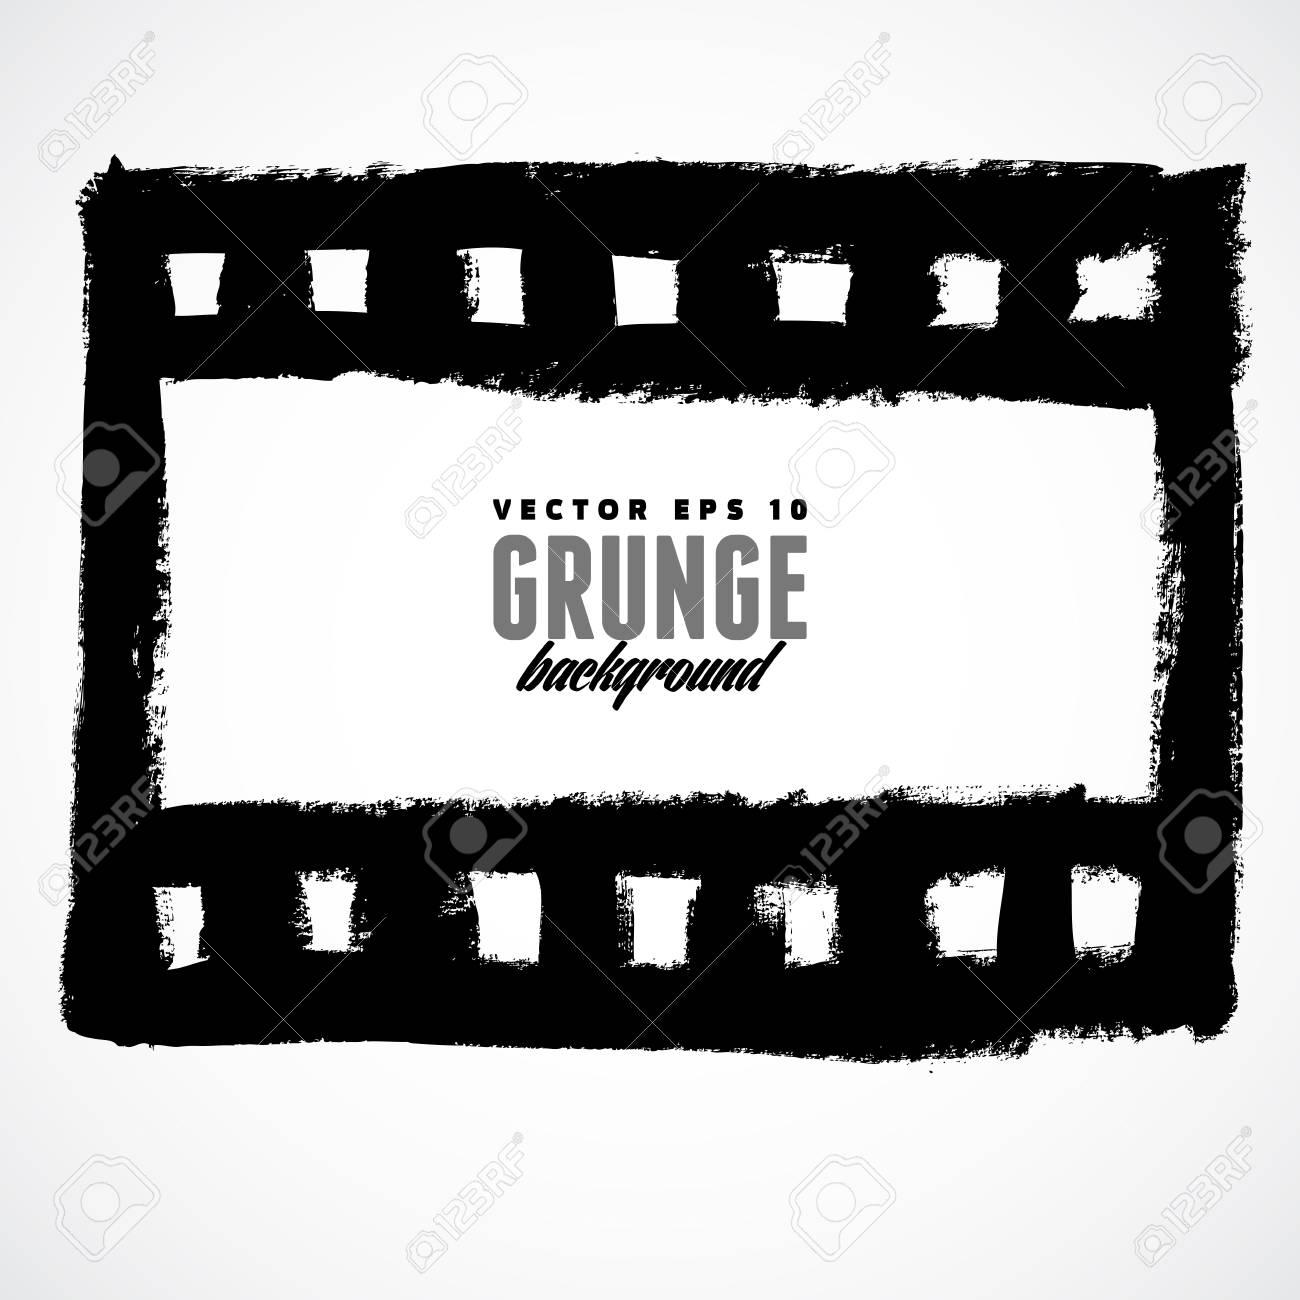 Vector Illustration Of A Grunge Filmstrip Frame. Royalty Free ...